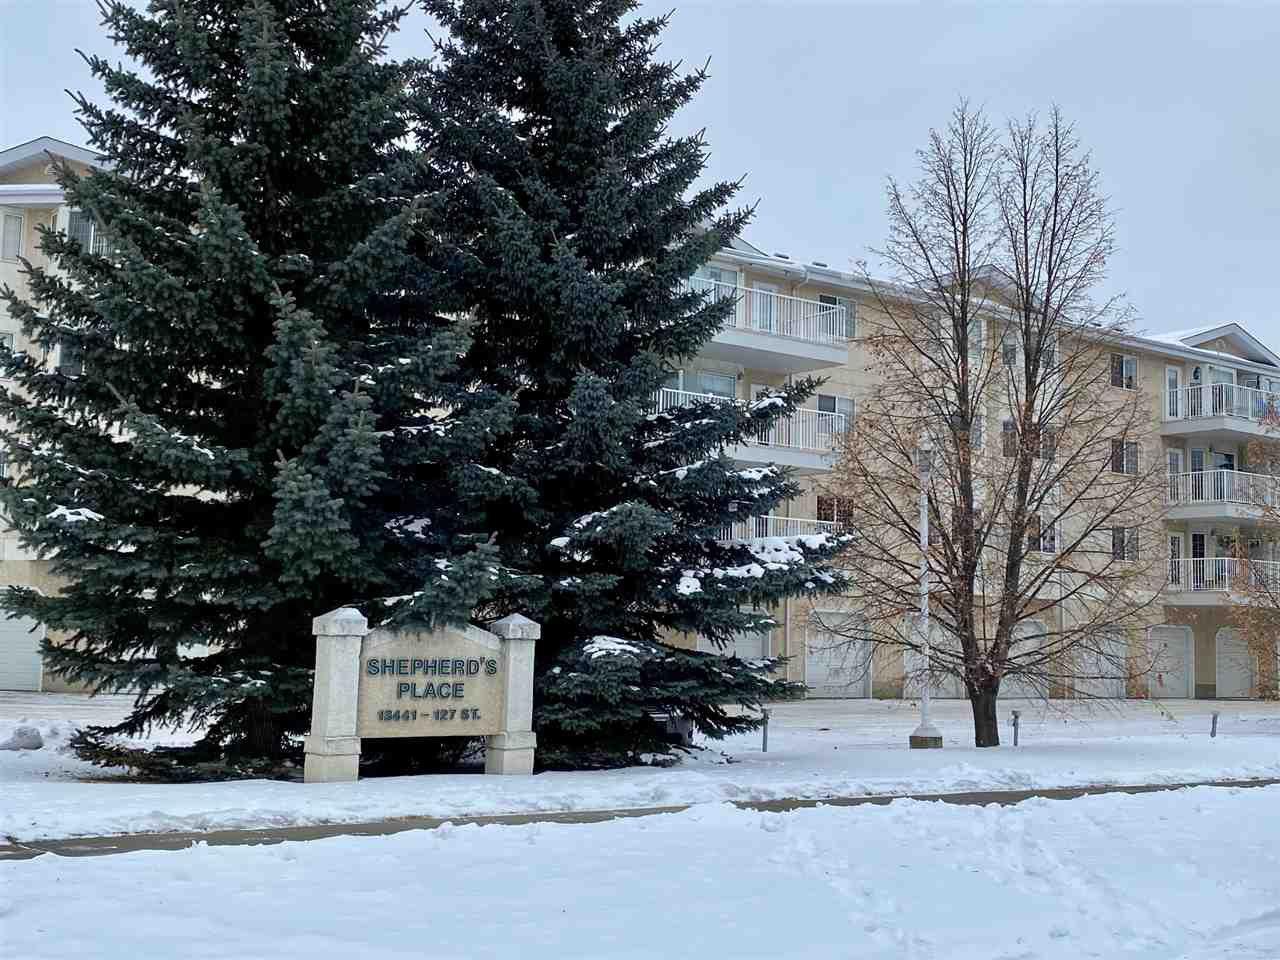 Main Photo: 247 13441 127 Street in Edmonton: Zone 01 Condo for sale : MLS®# E4221251